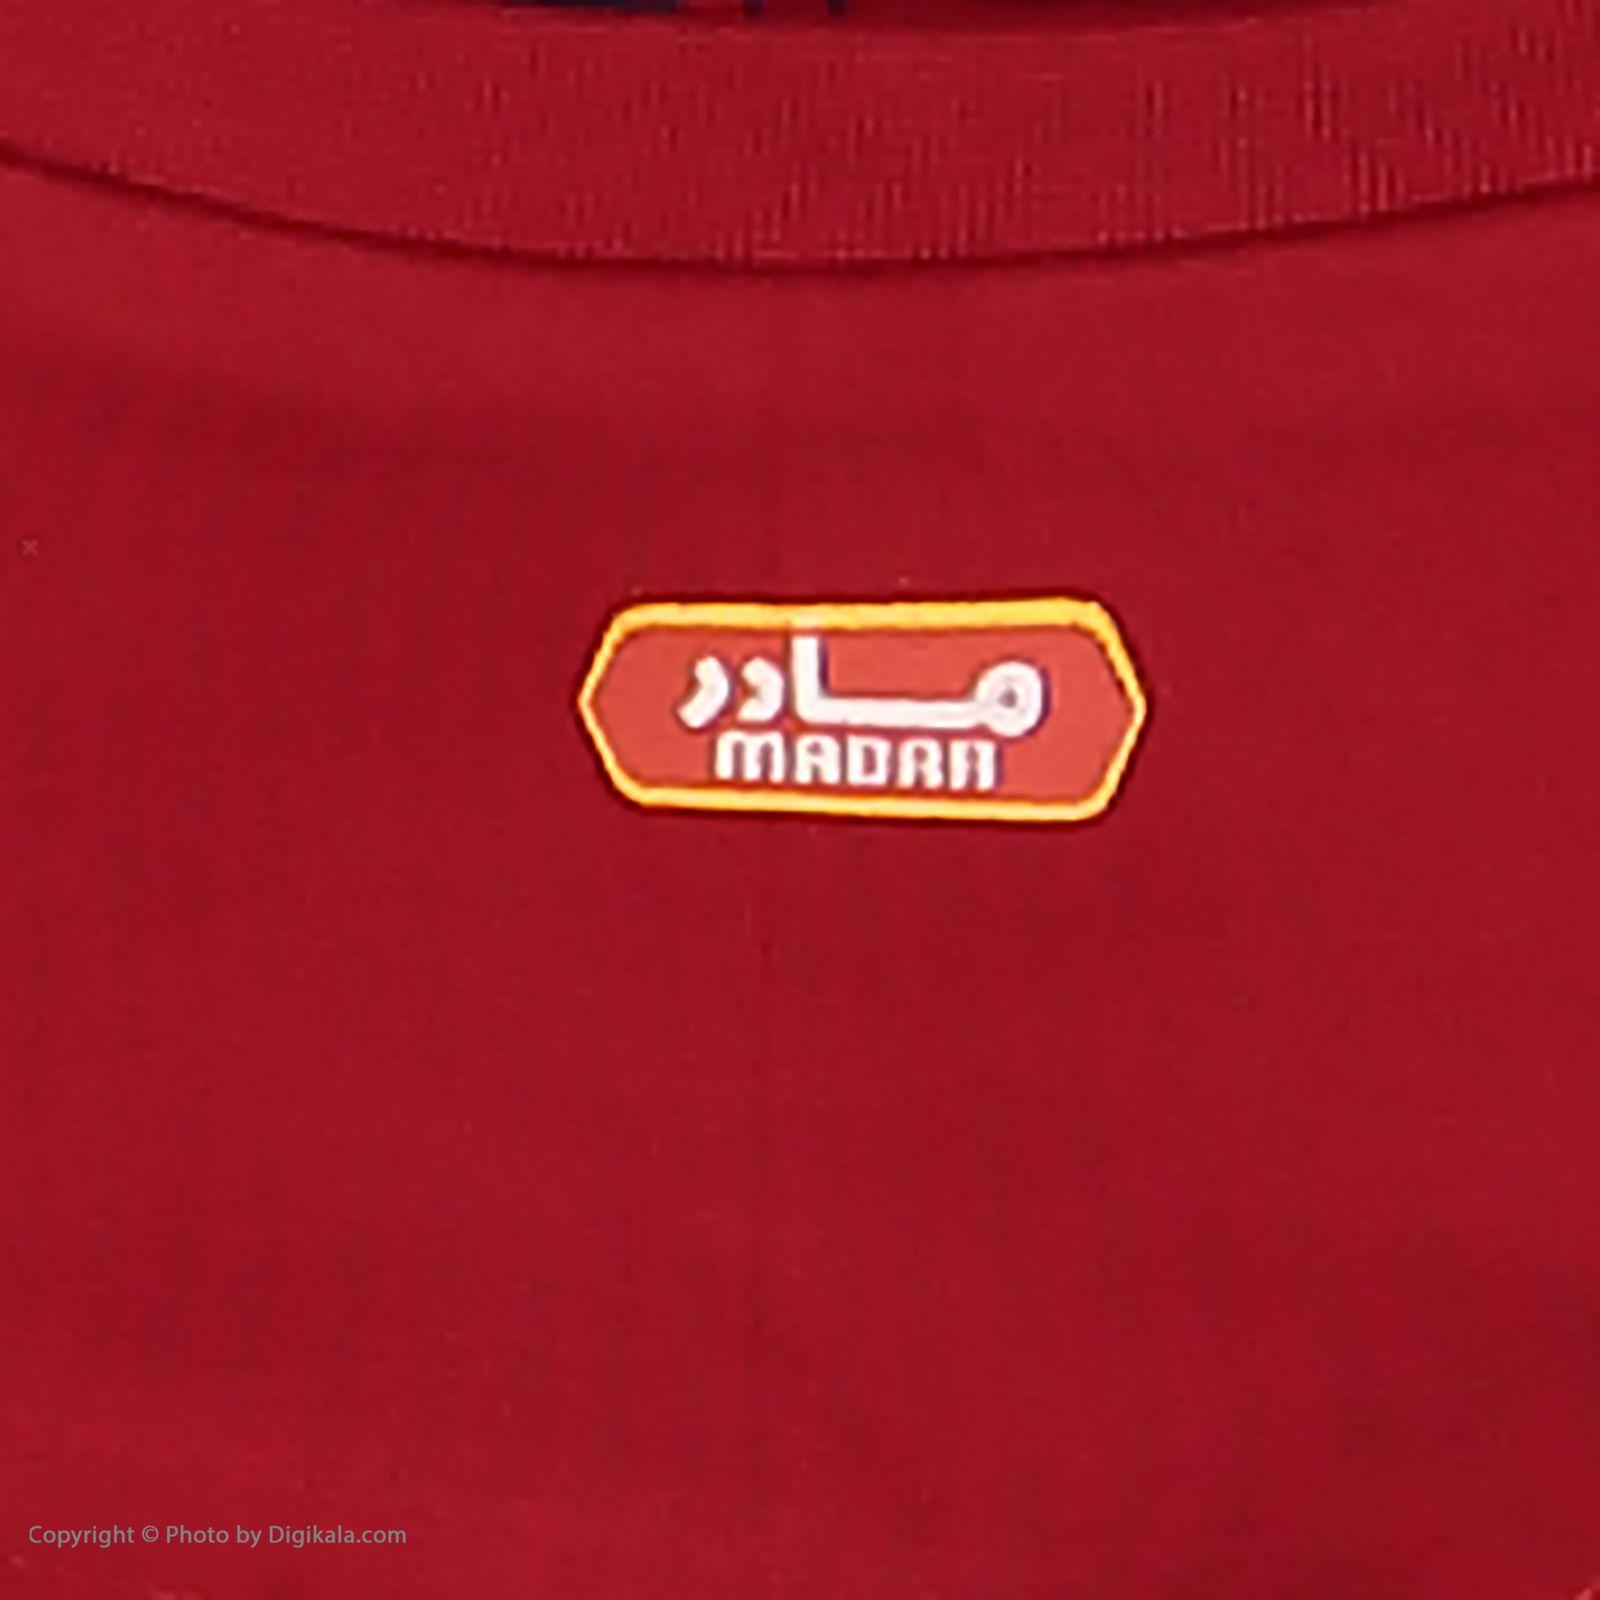 ست تی شرت و شلوار پسرانه مادر مدل 306-72 main 1 7